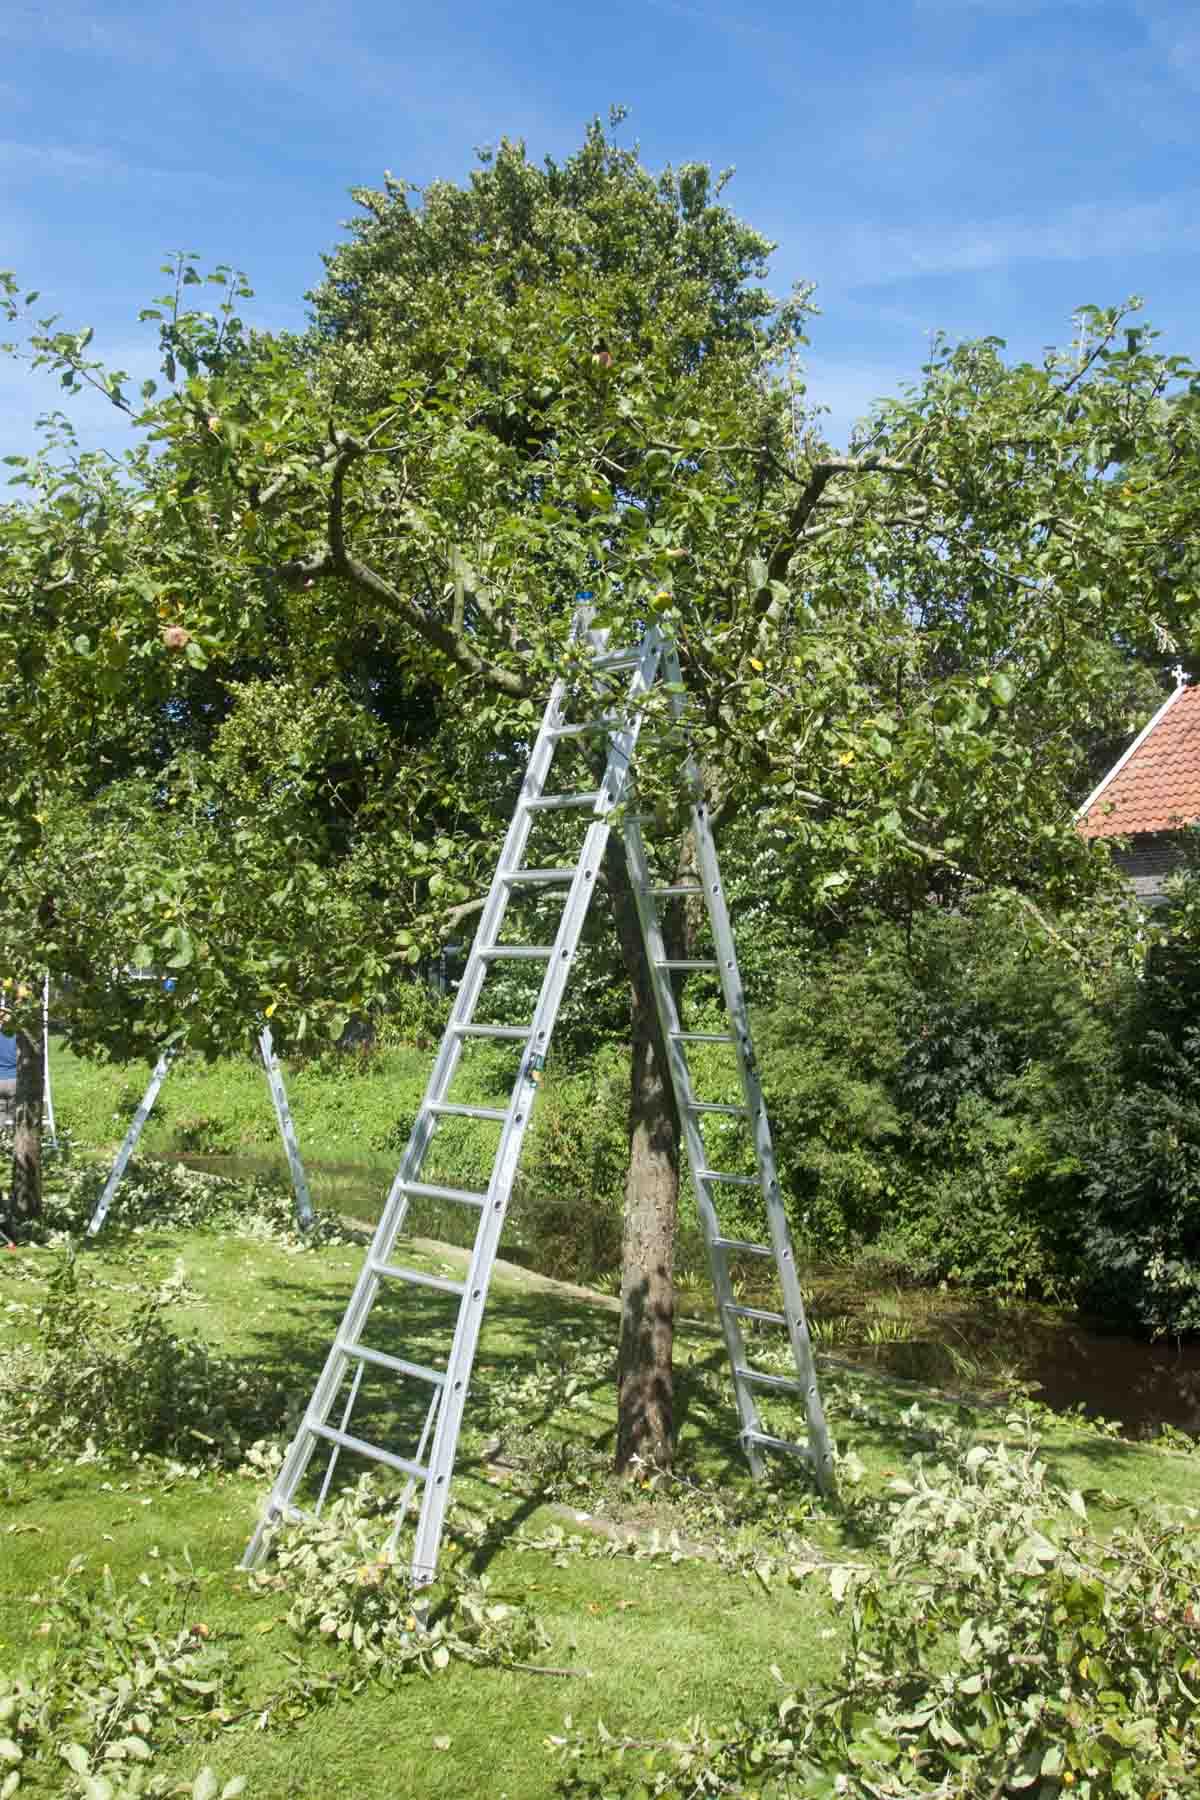 2012-08-18-hsb-steenwijkerwold-4119